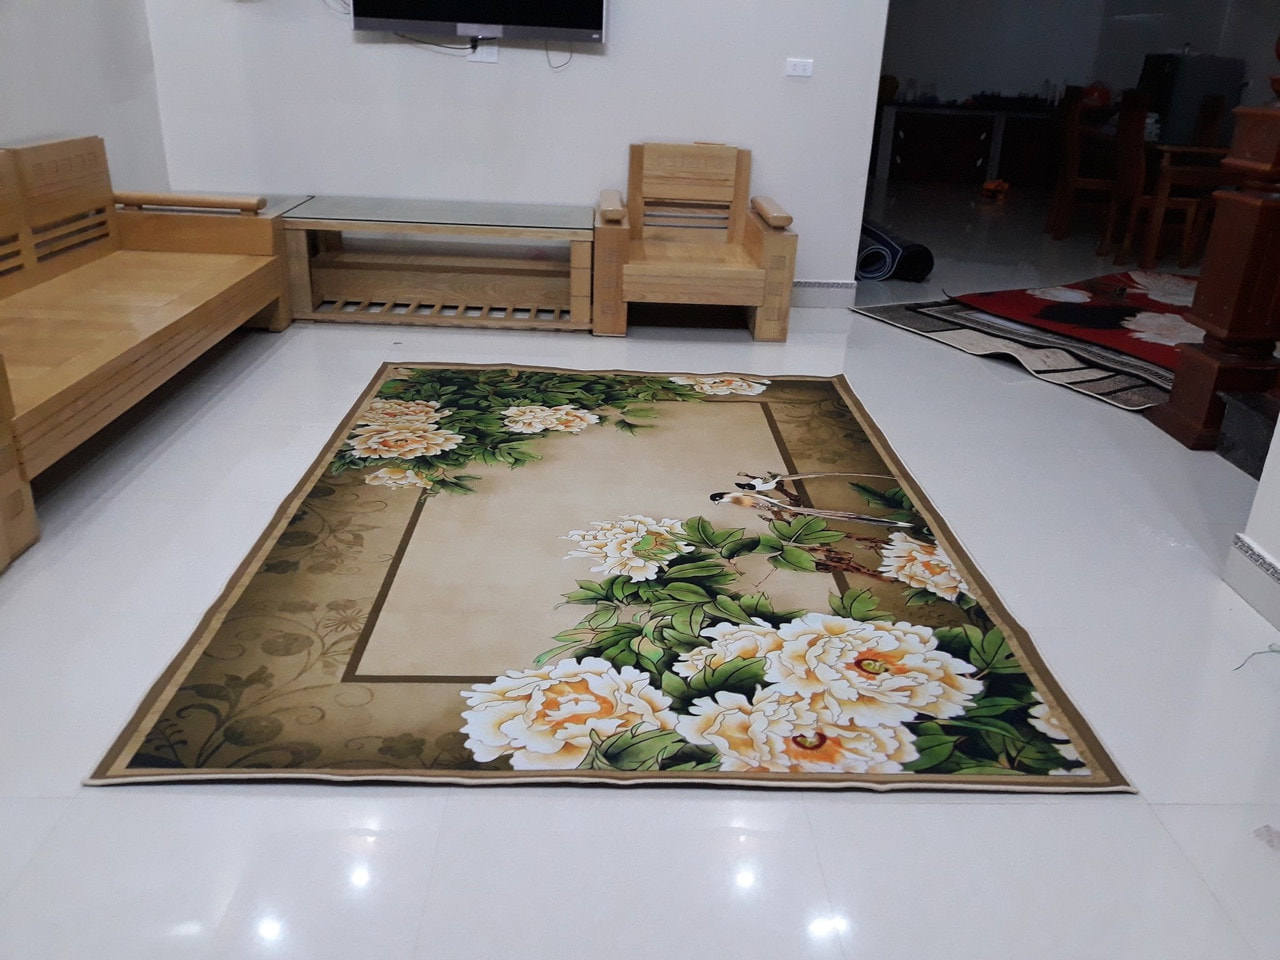 Thảm lì trang trí phòng khách mẫu 04 - Hoa mẫu đơn trắng  1,6x2,3m